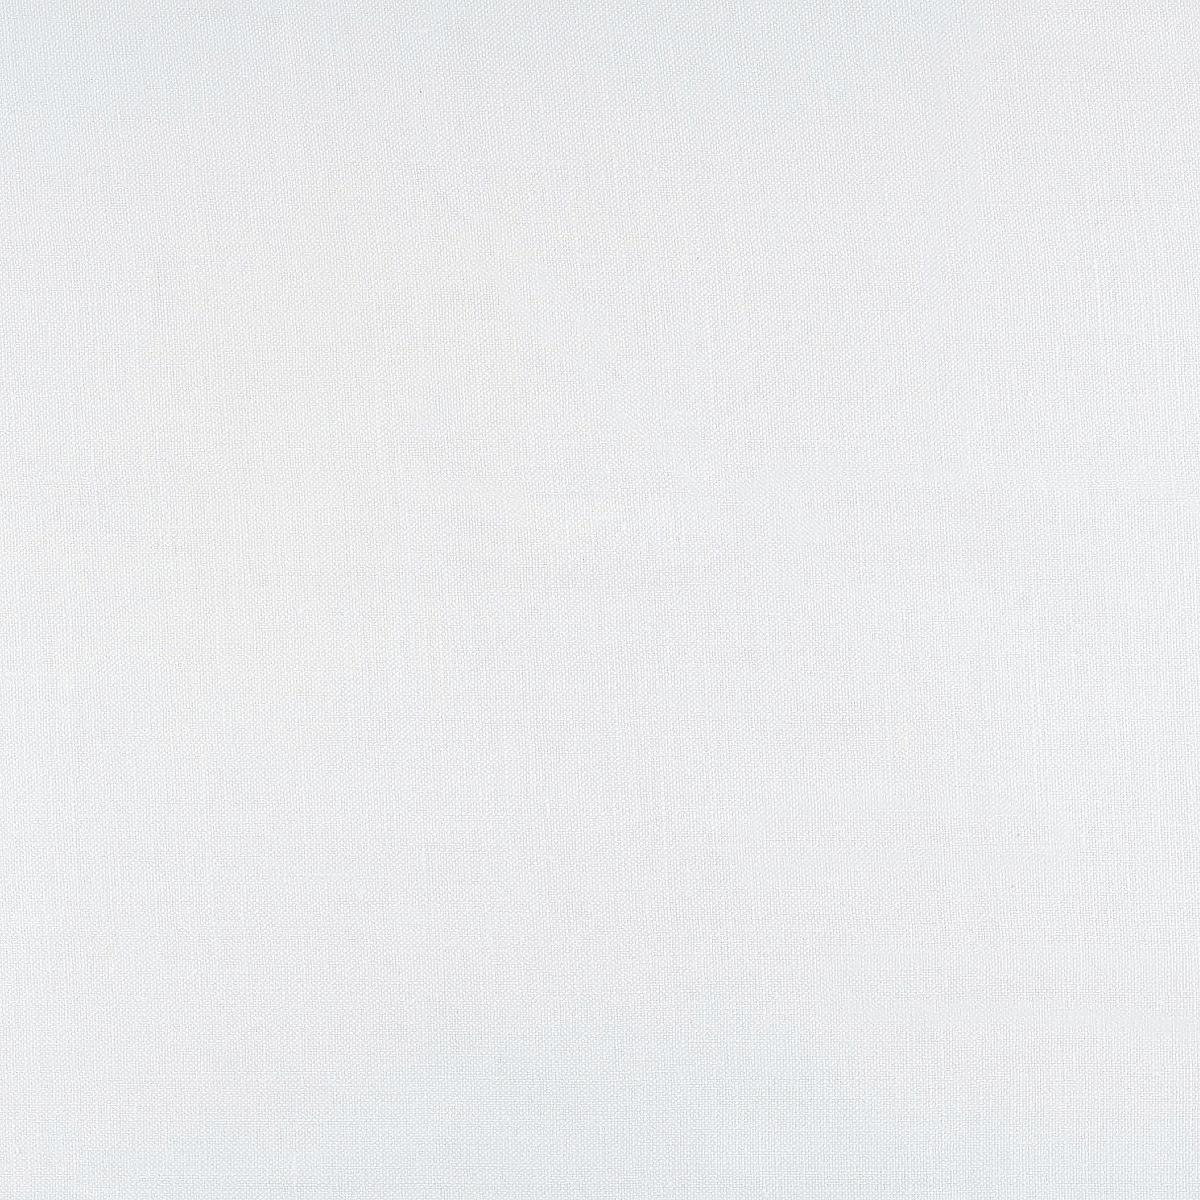 Beach House Linen: Bright White (fabric yardage)